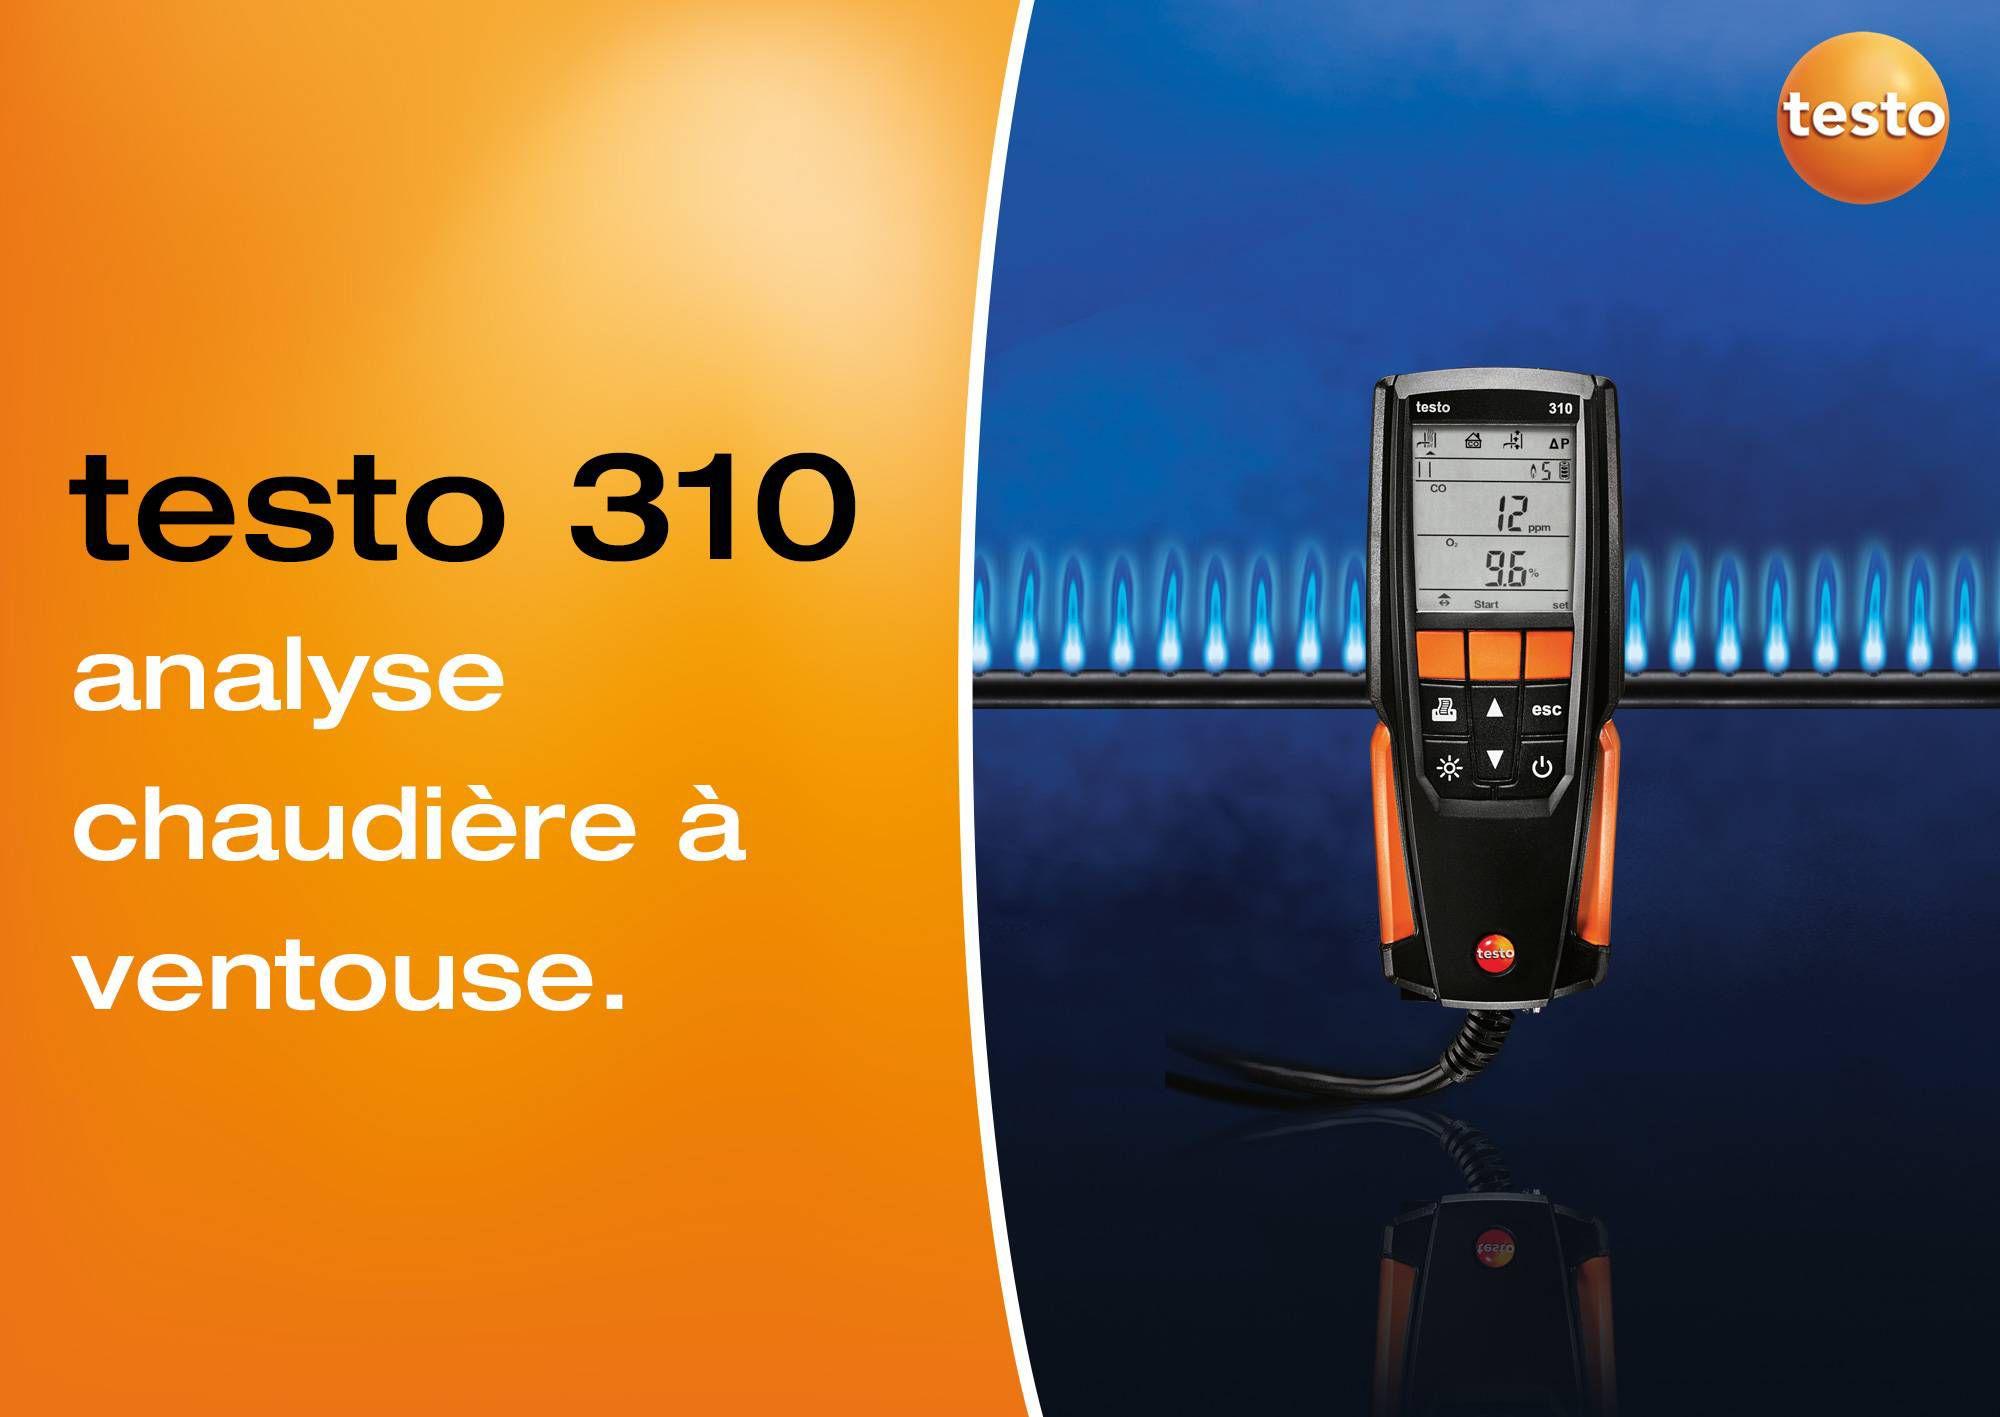 tutoriel vidéo analyse de combustion chaudière ventouse testo 310